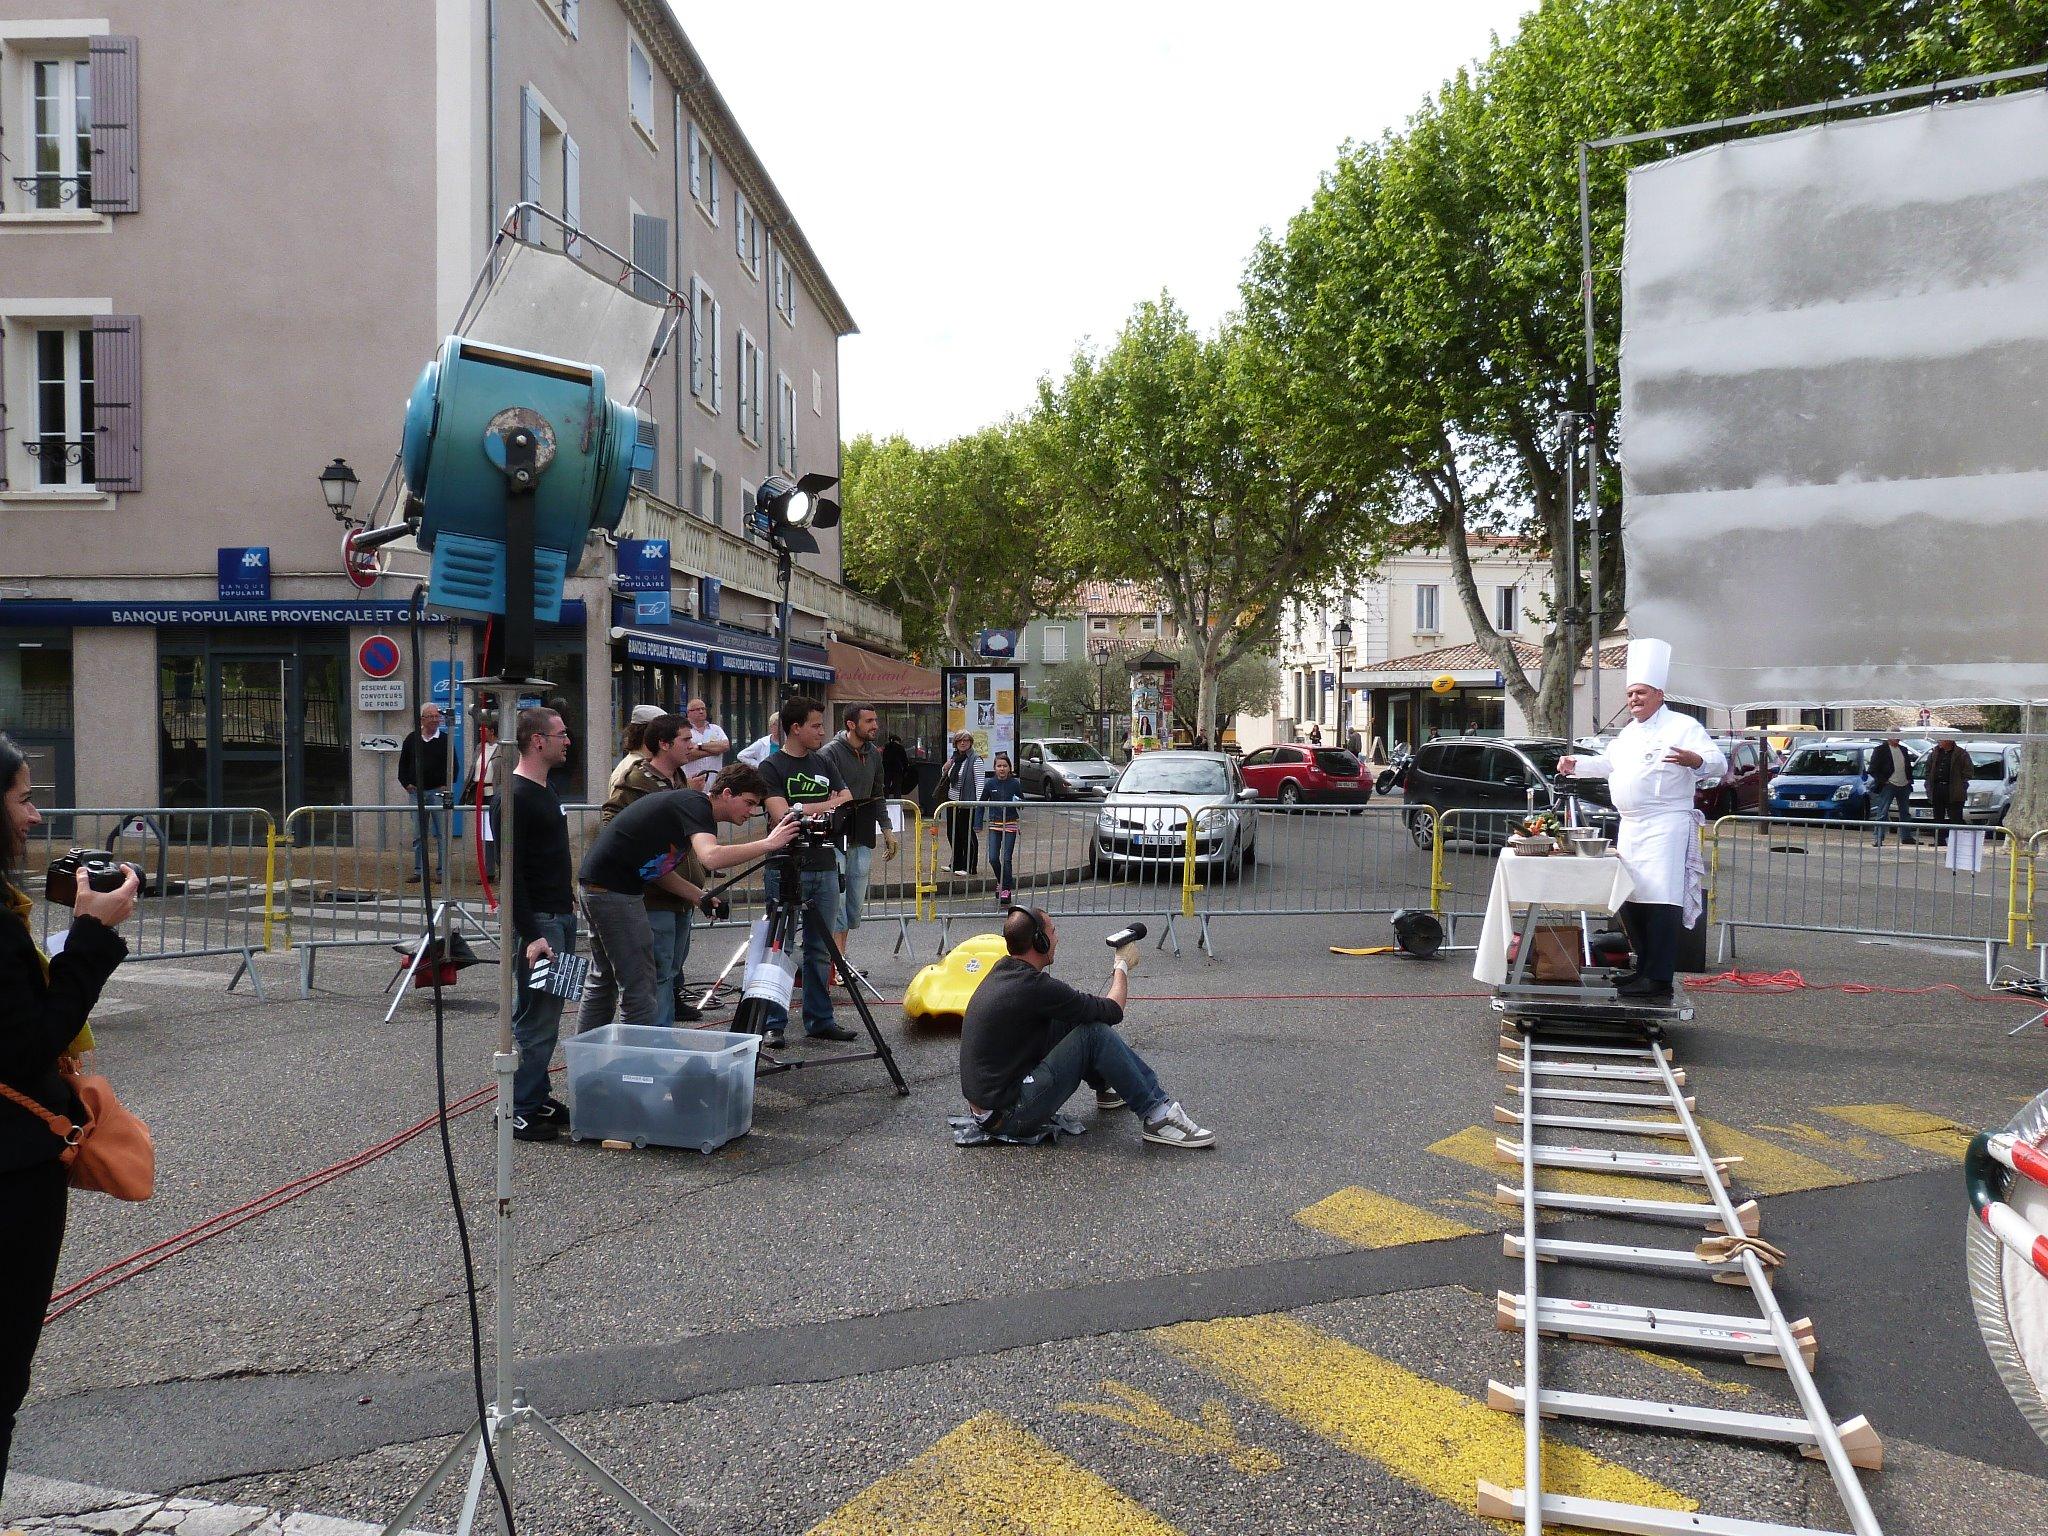 xaleo-leo-meslet-tournage-robertet